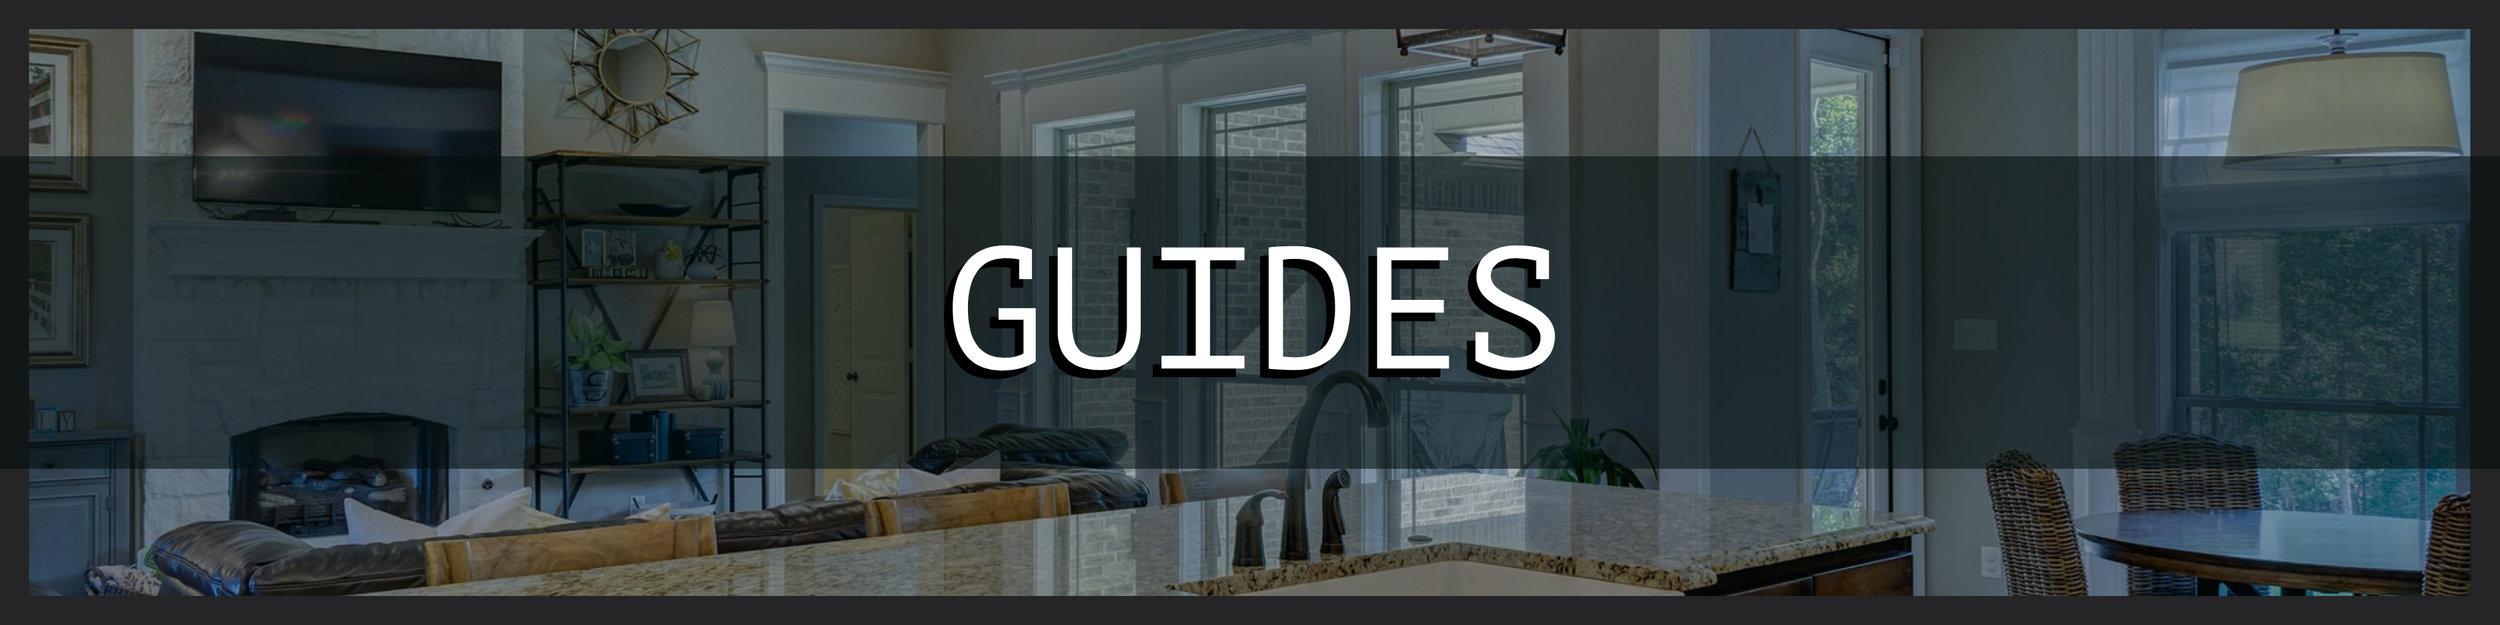 Guide Banner.jpg